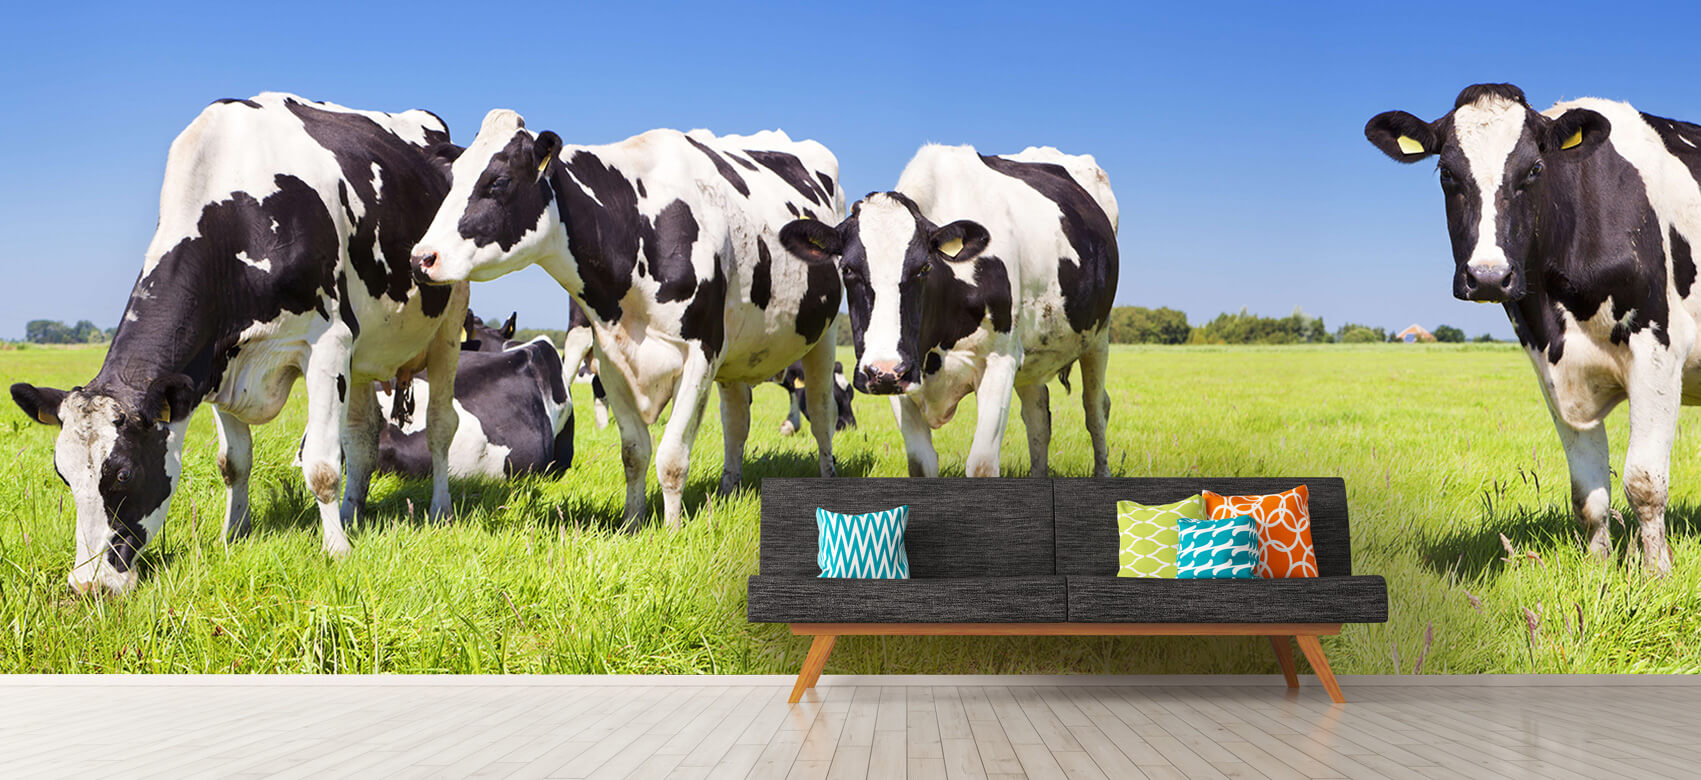 Dieren Fotobehang koeien 12